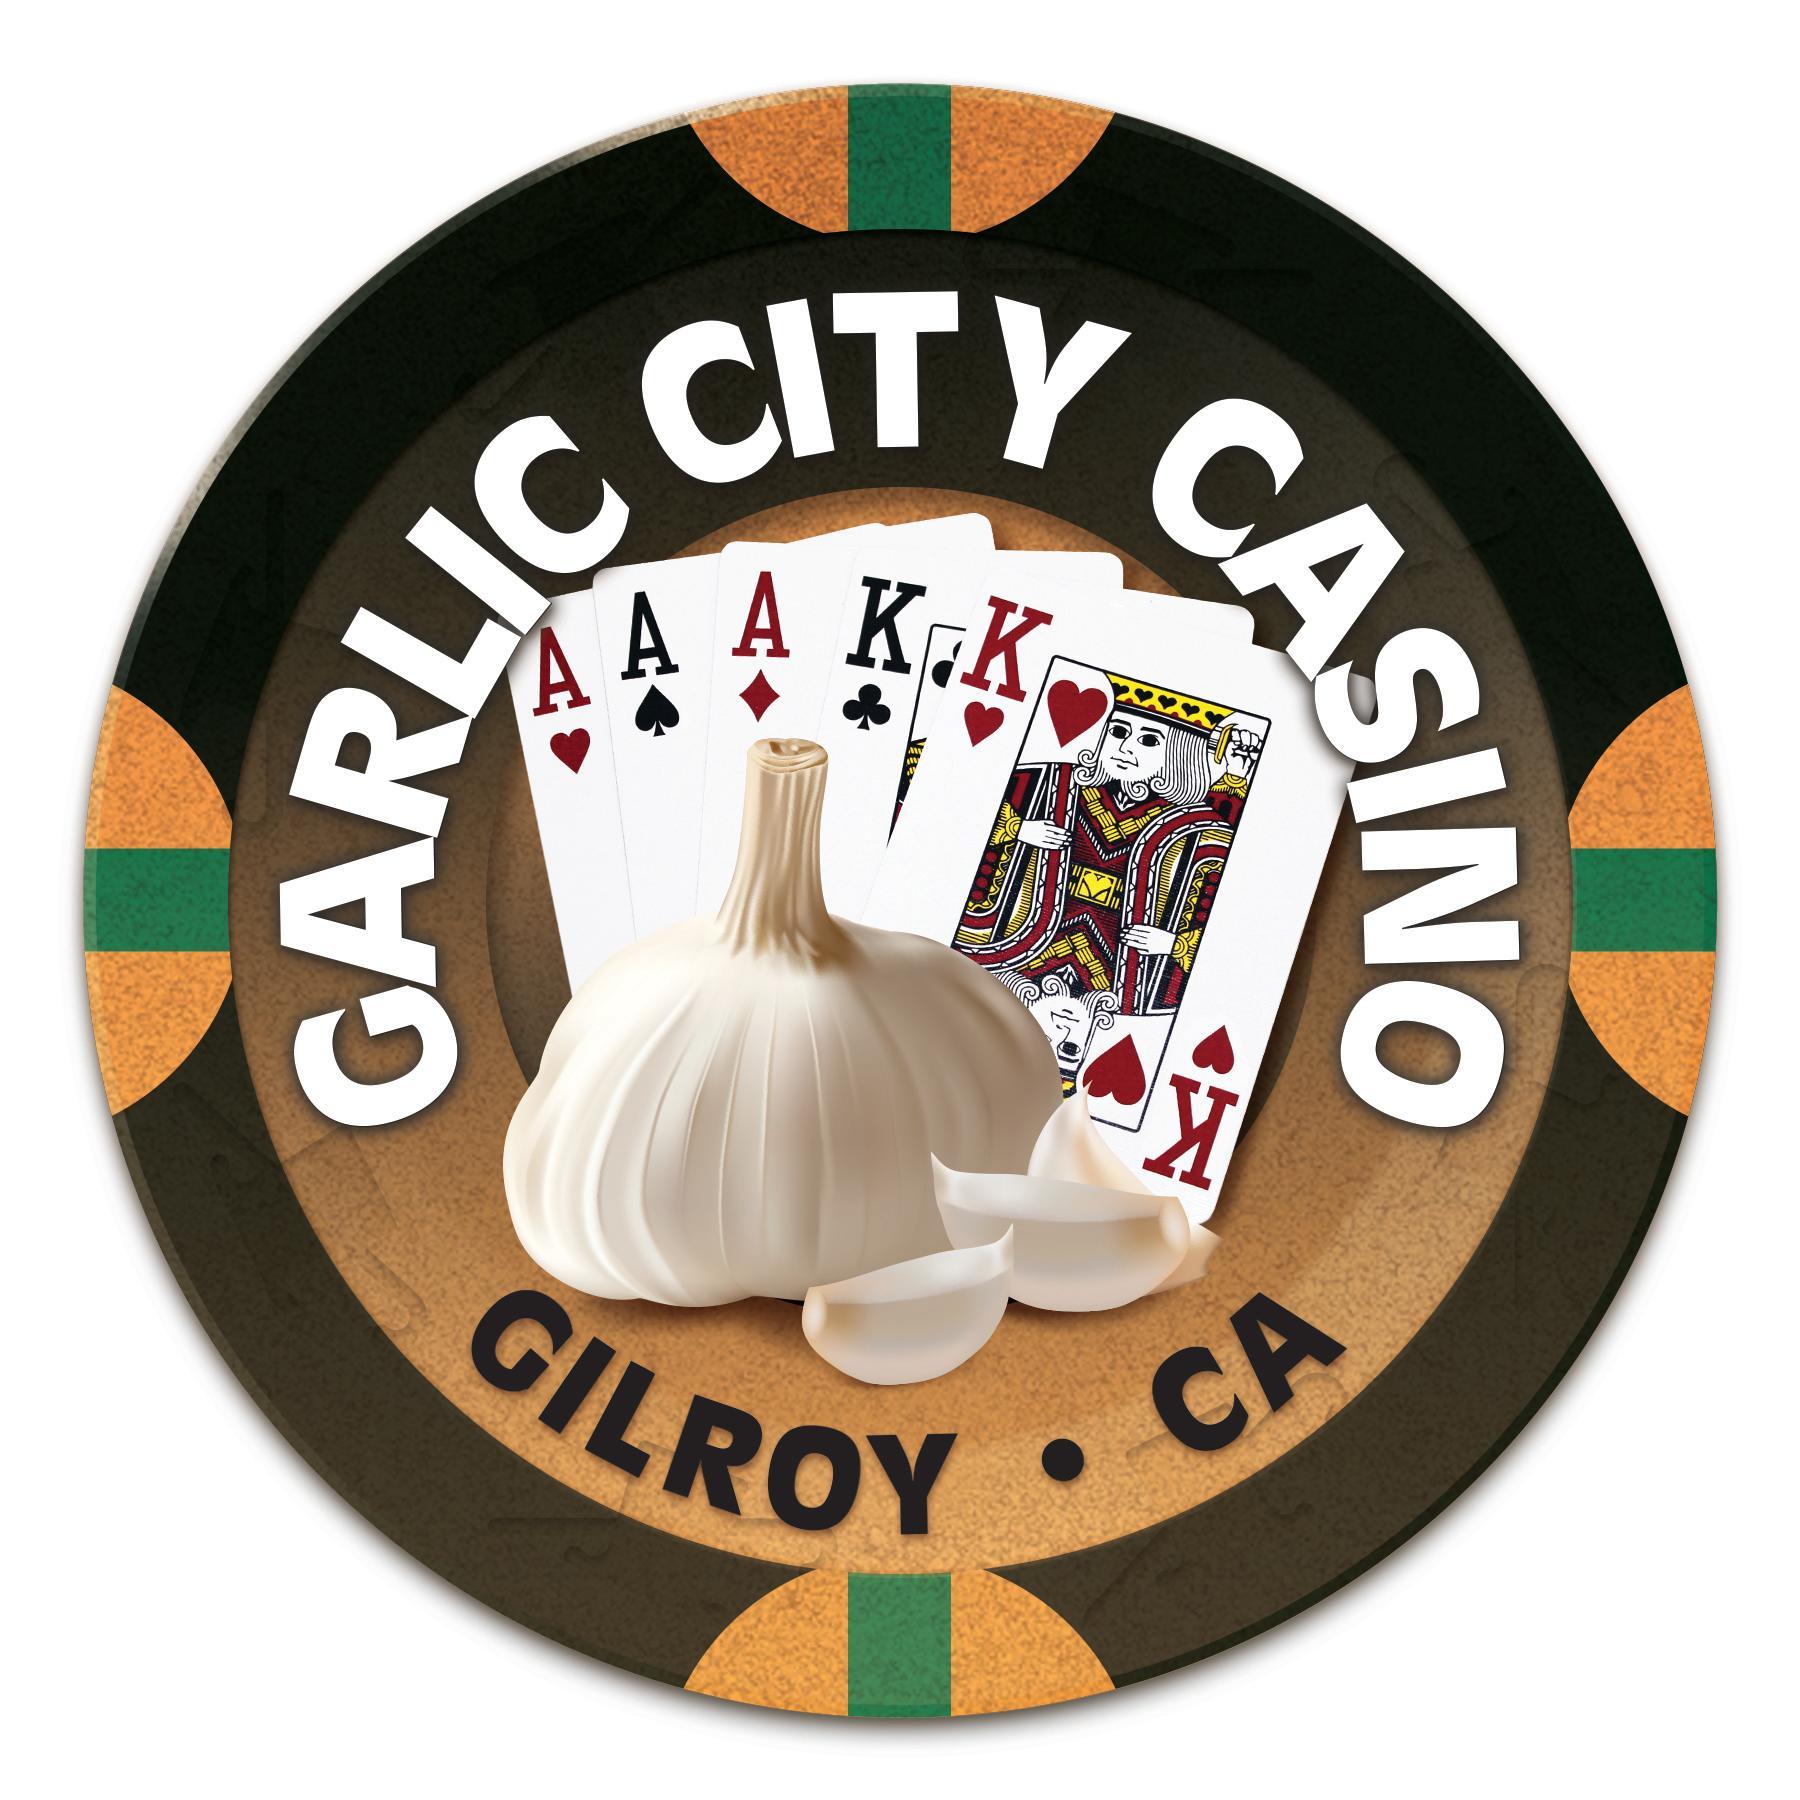 Garlic City Club